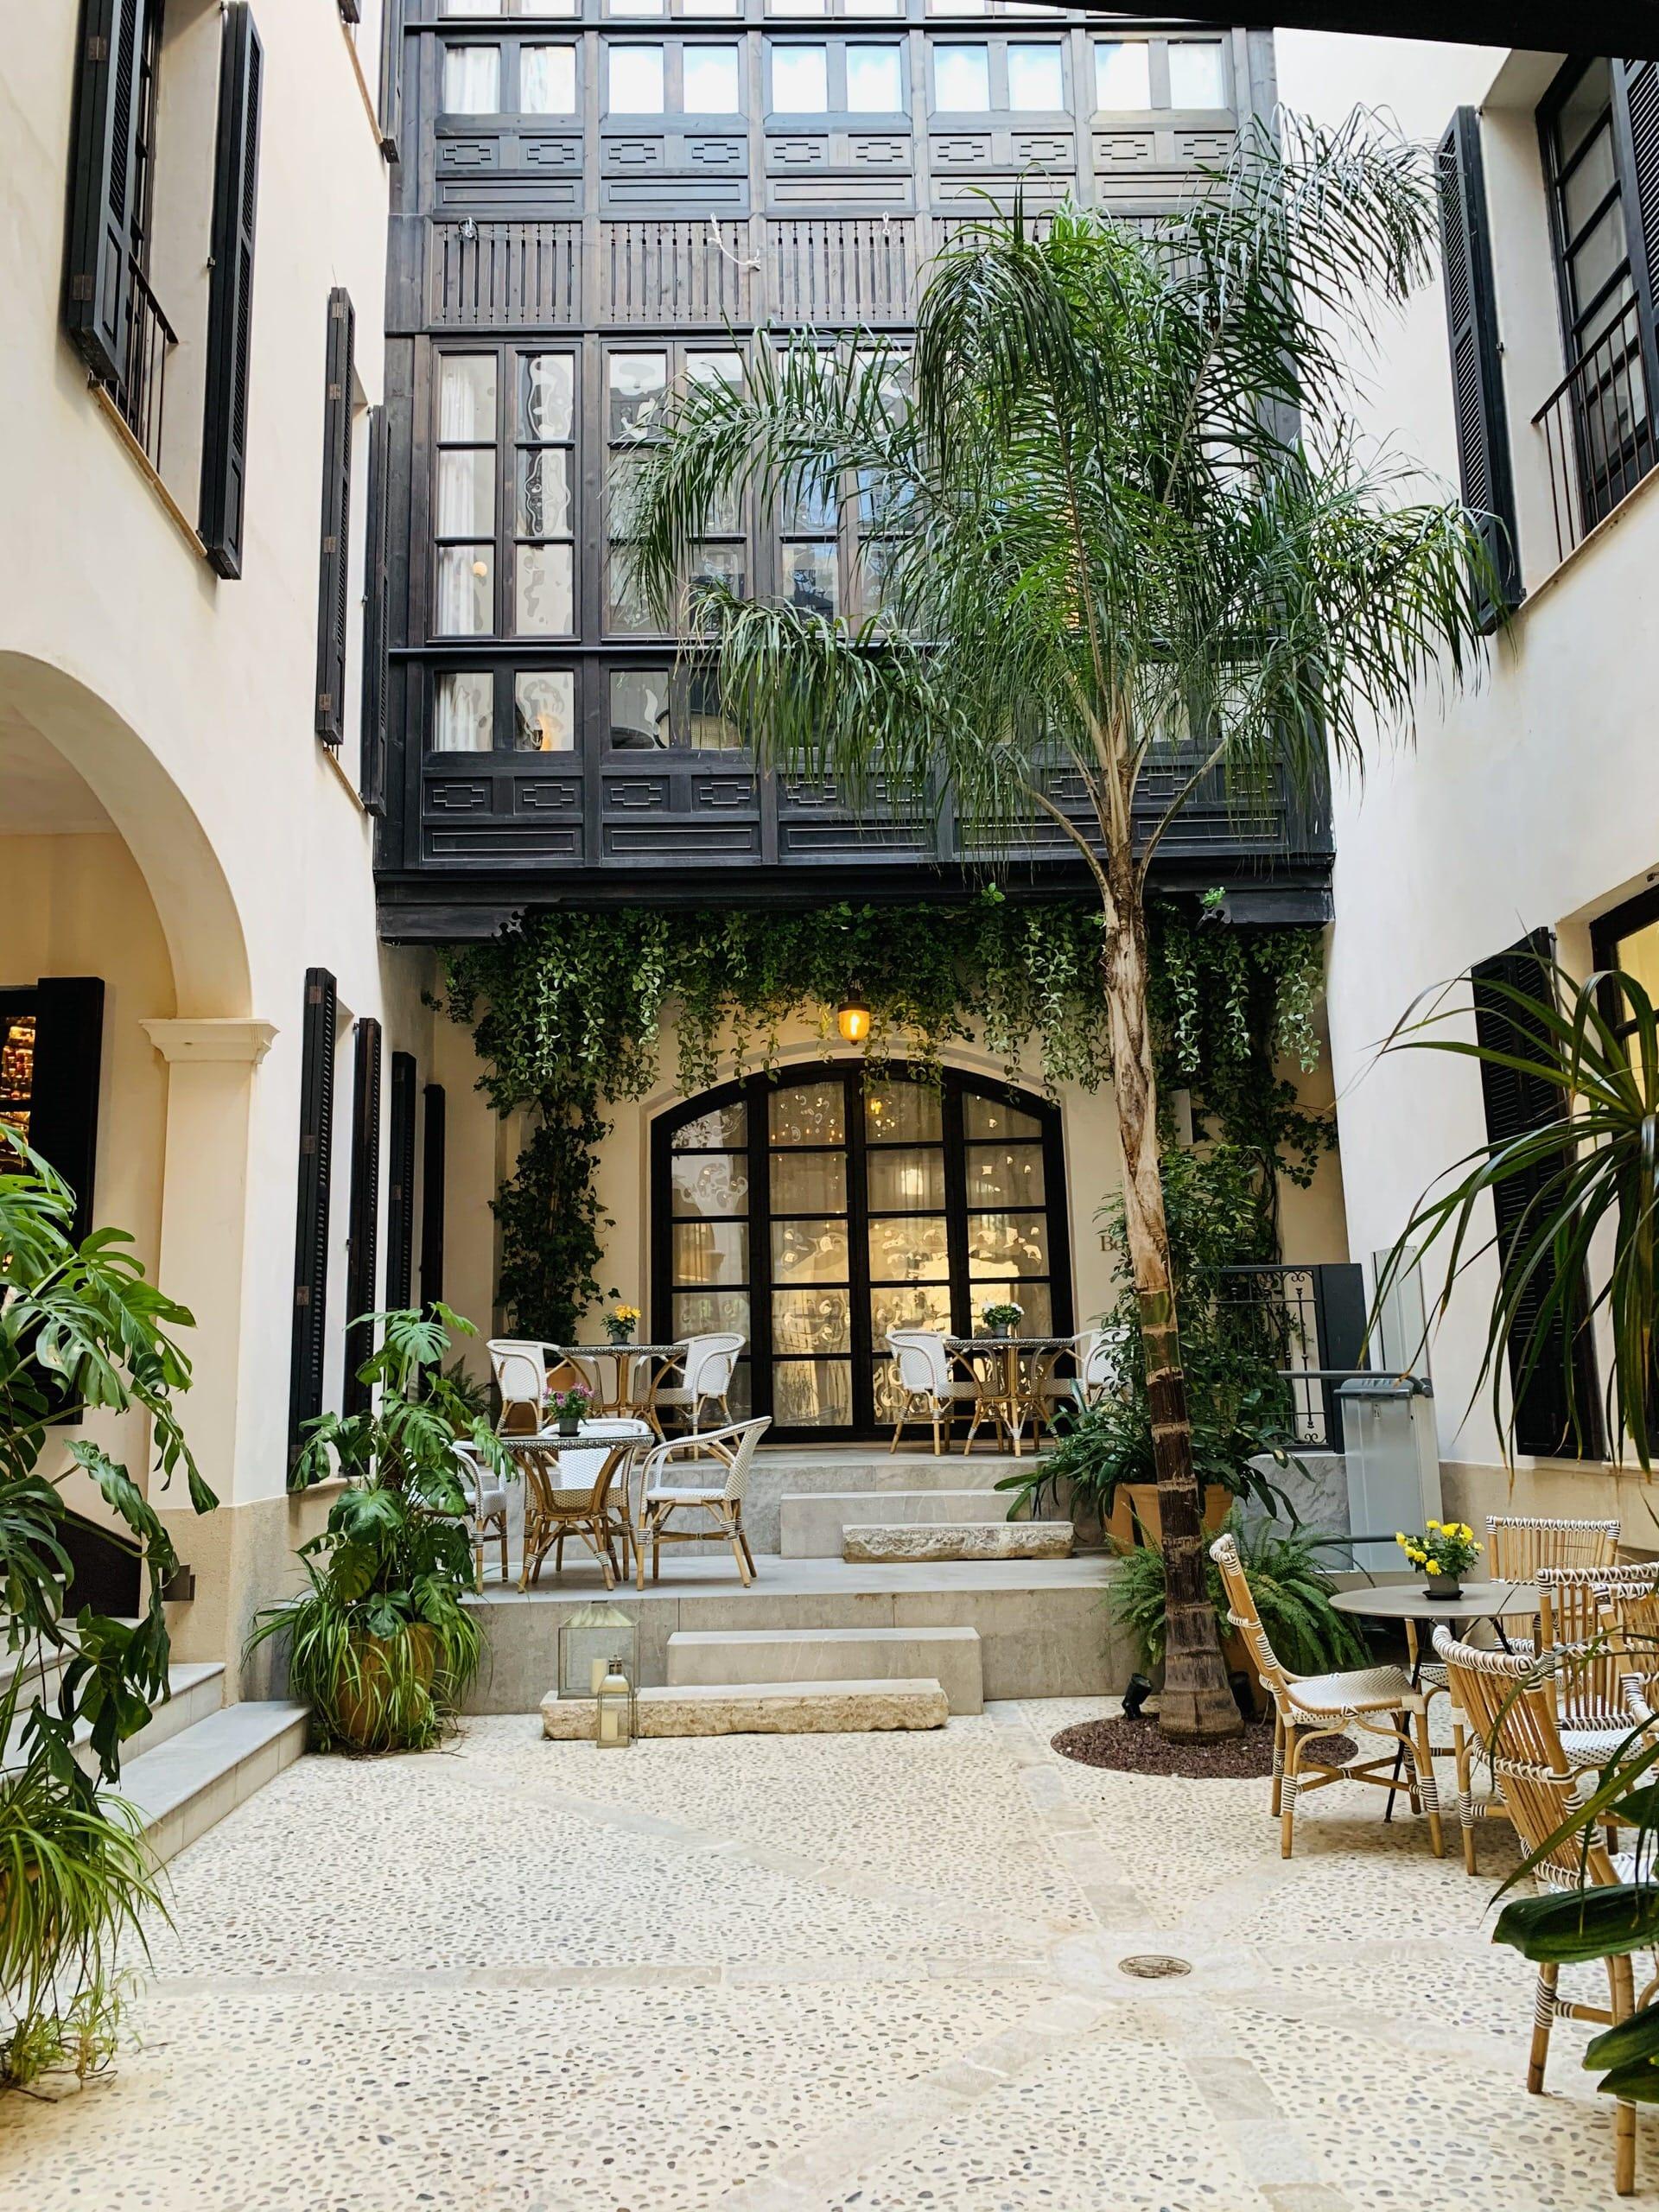 Palma Highlight – Can Bordoy Grand House & Garden